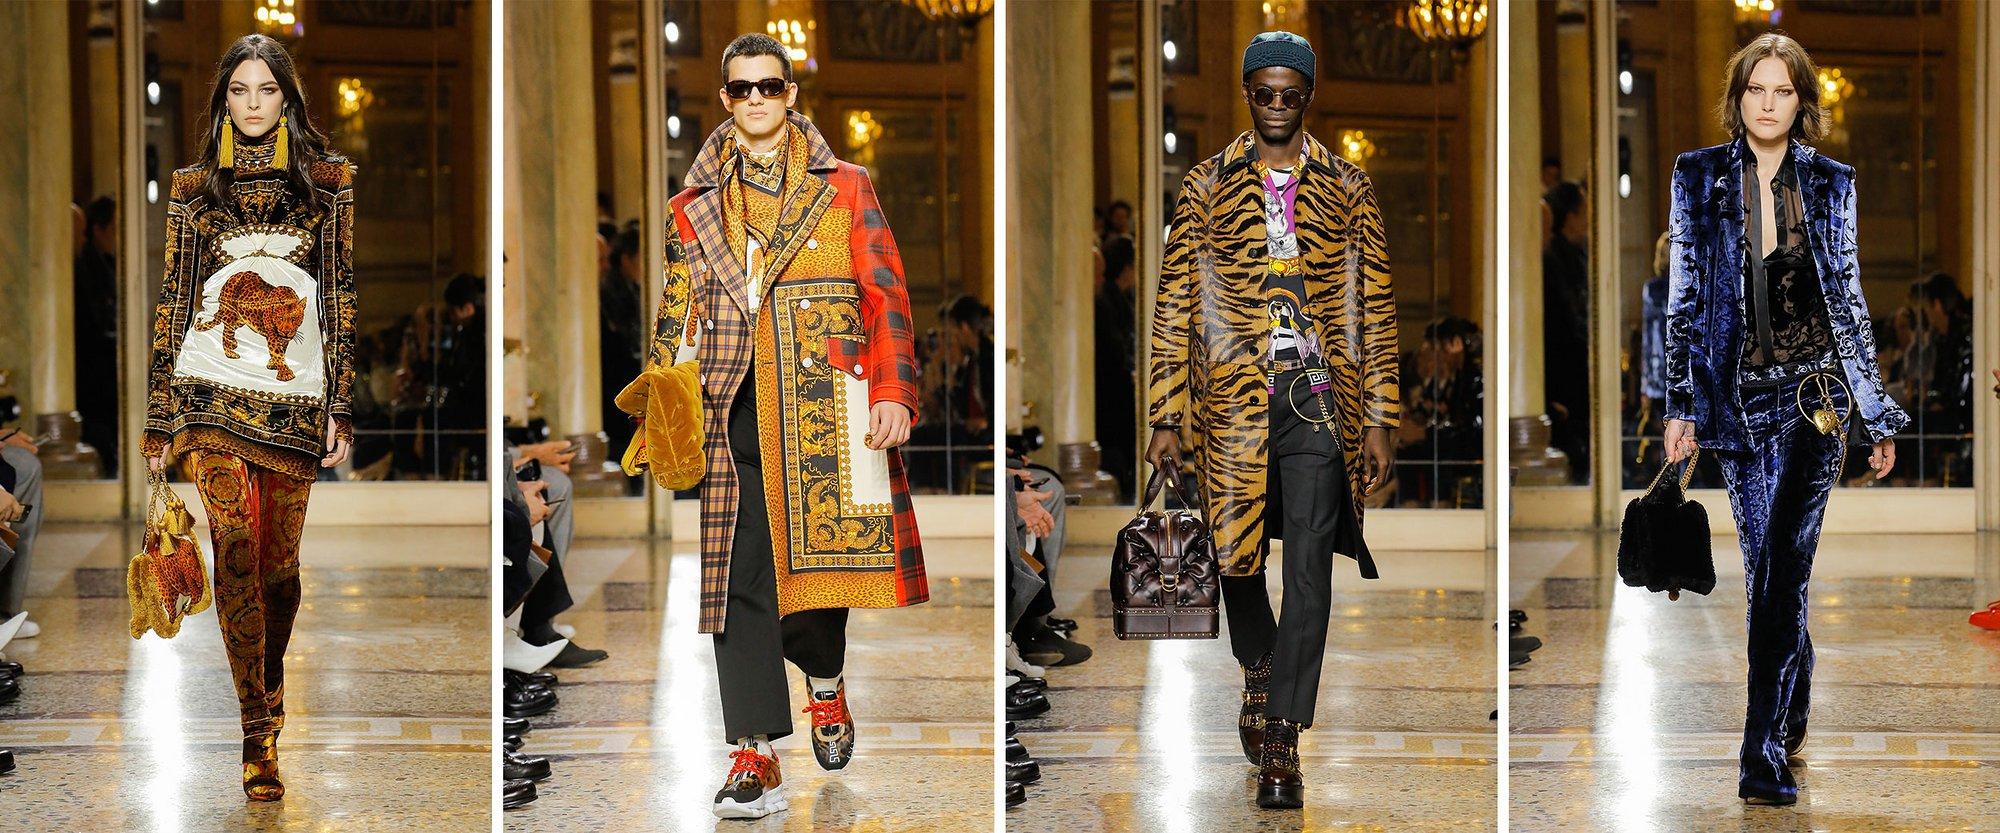 ae08b7af00 A képre kattintva pedig végig tudod görgetni, hogy mit is gondol a Versace divatház  a 2018-as férfi divatról. Helyenként pár női darabbal megspékelve persze ...